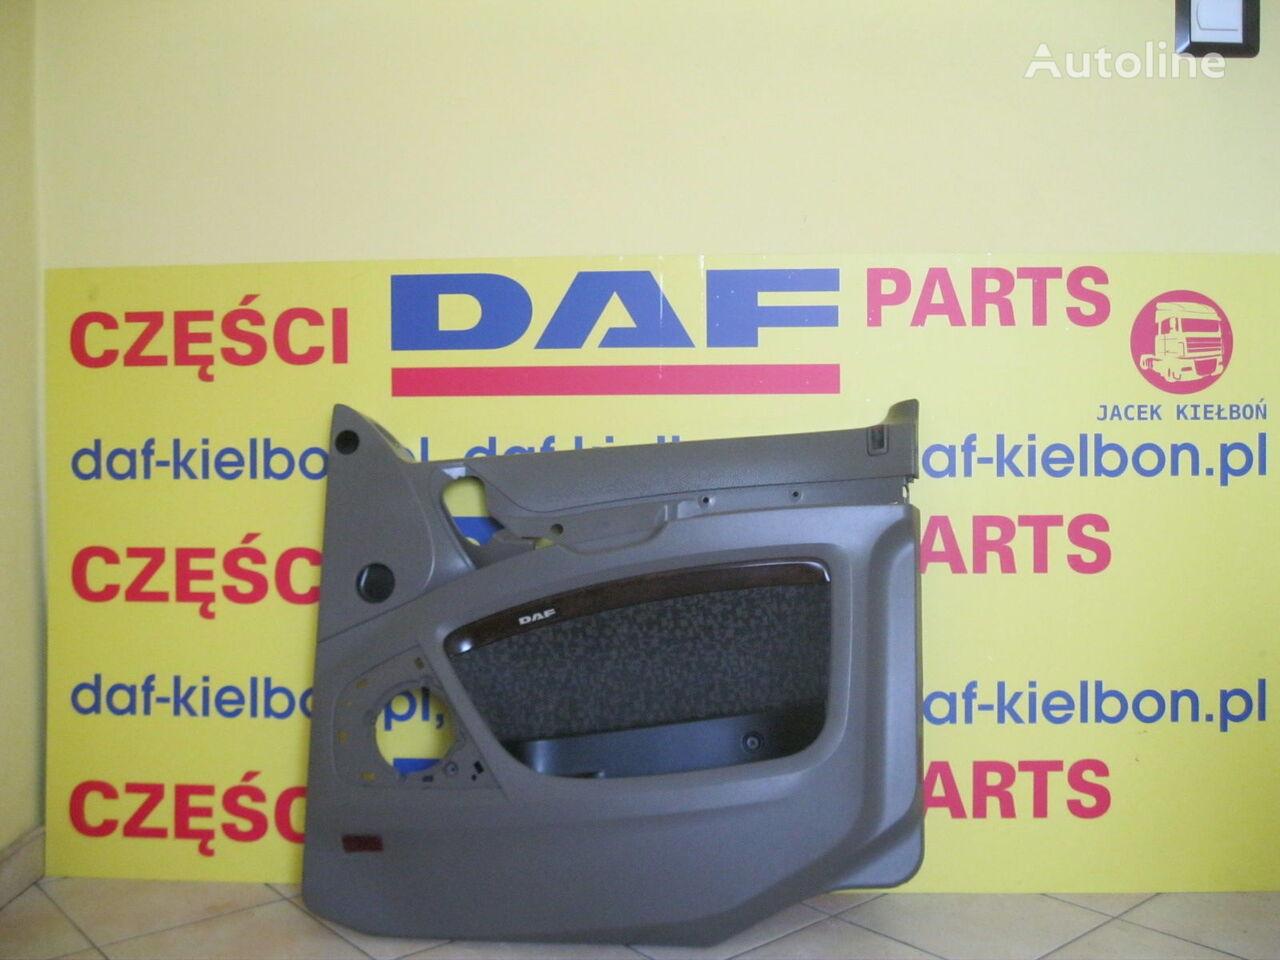 oblicowanie DAF TAPICERKA DRZWI do ciągnika siodłowego DAF XF 105